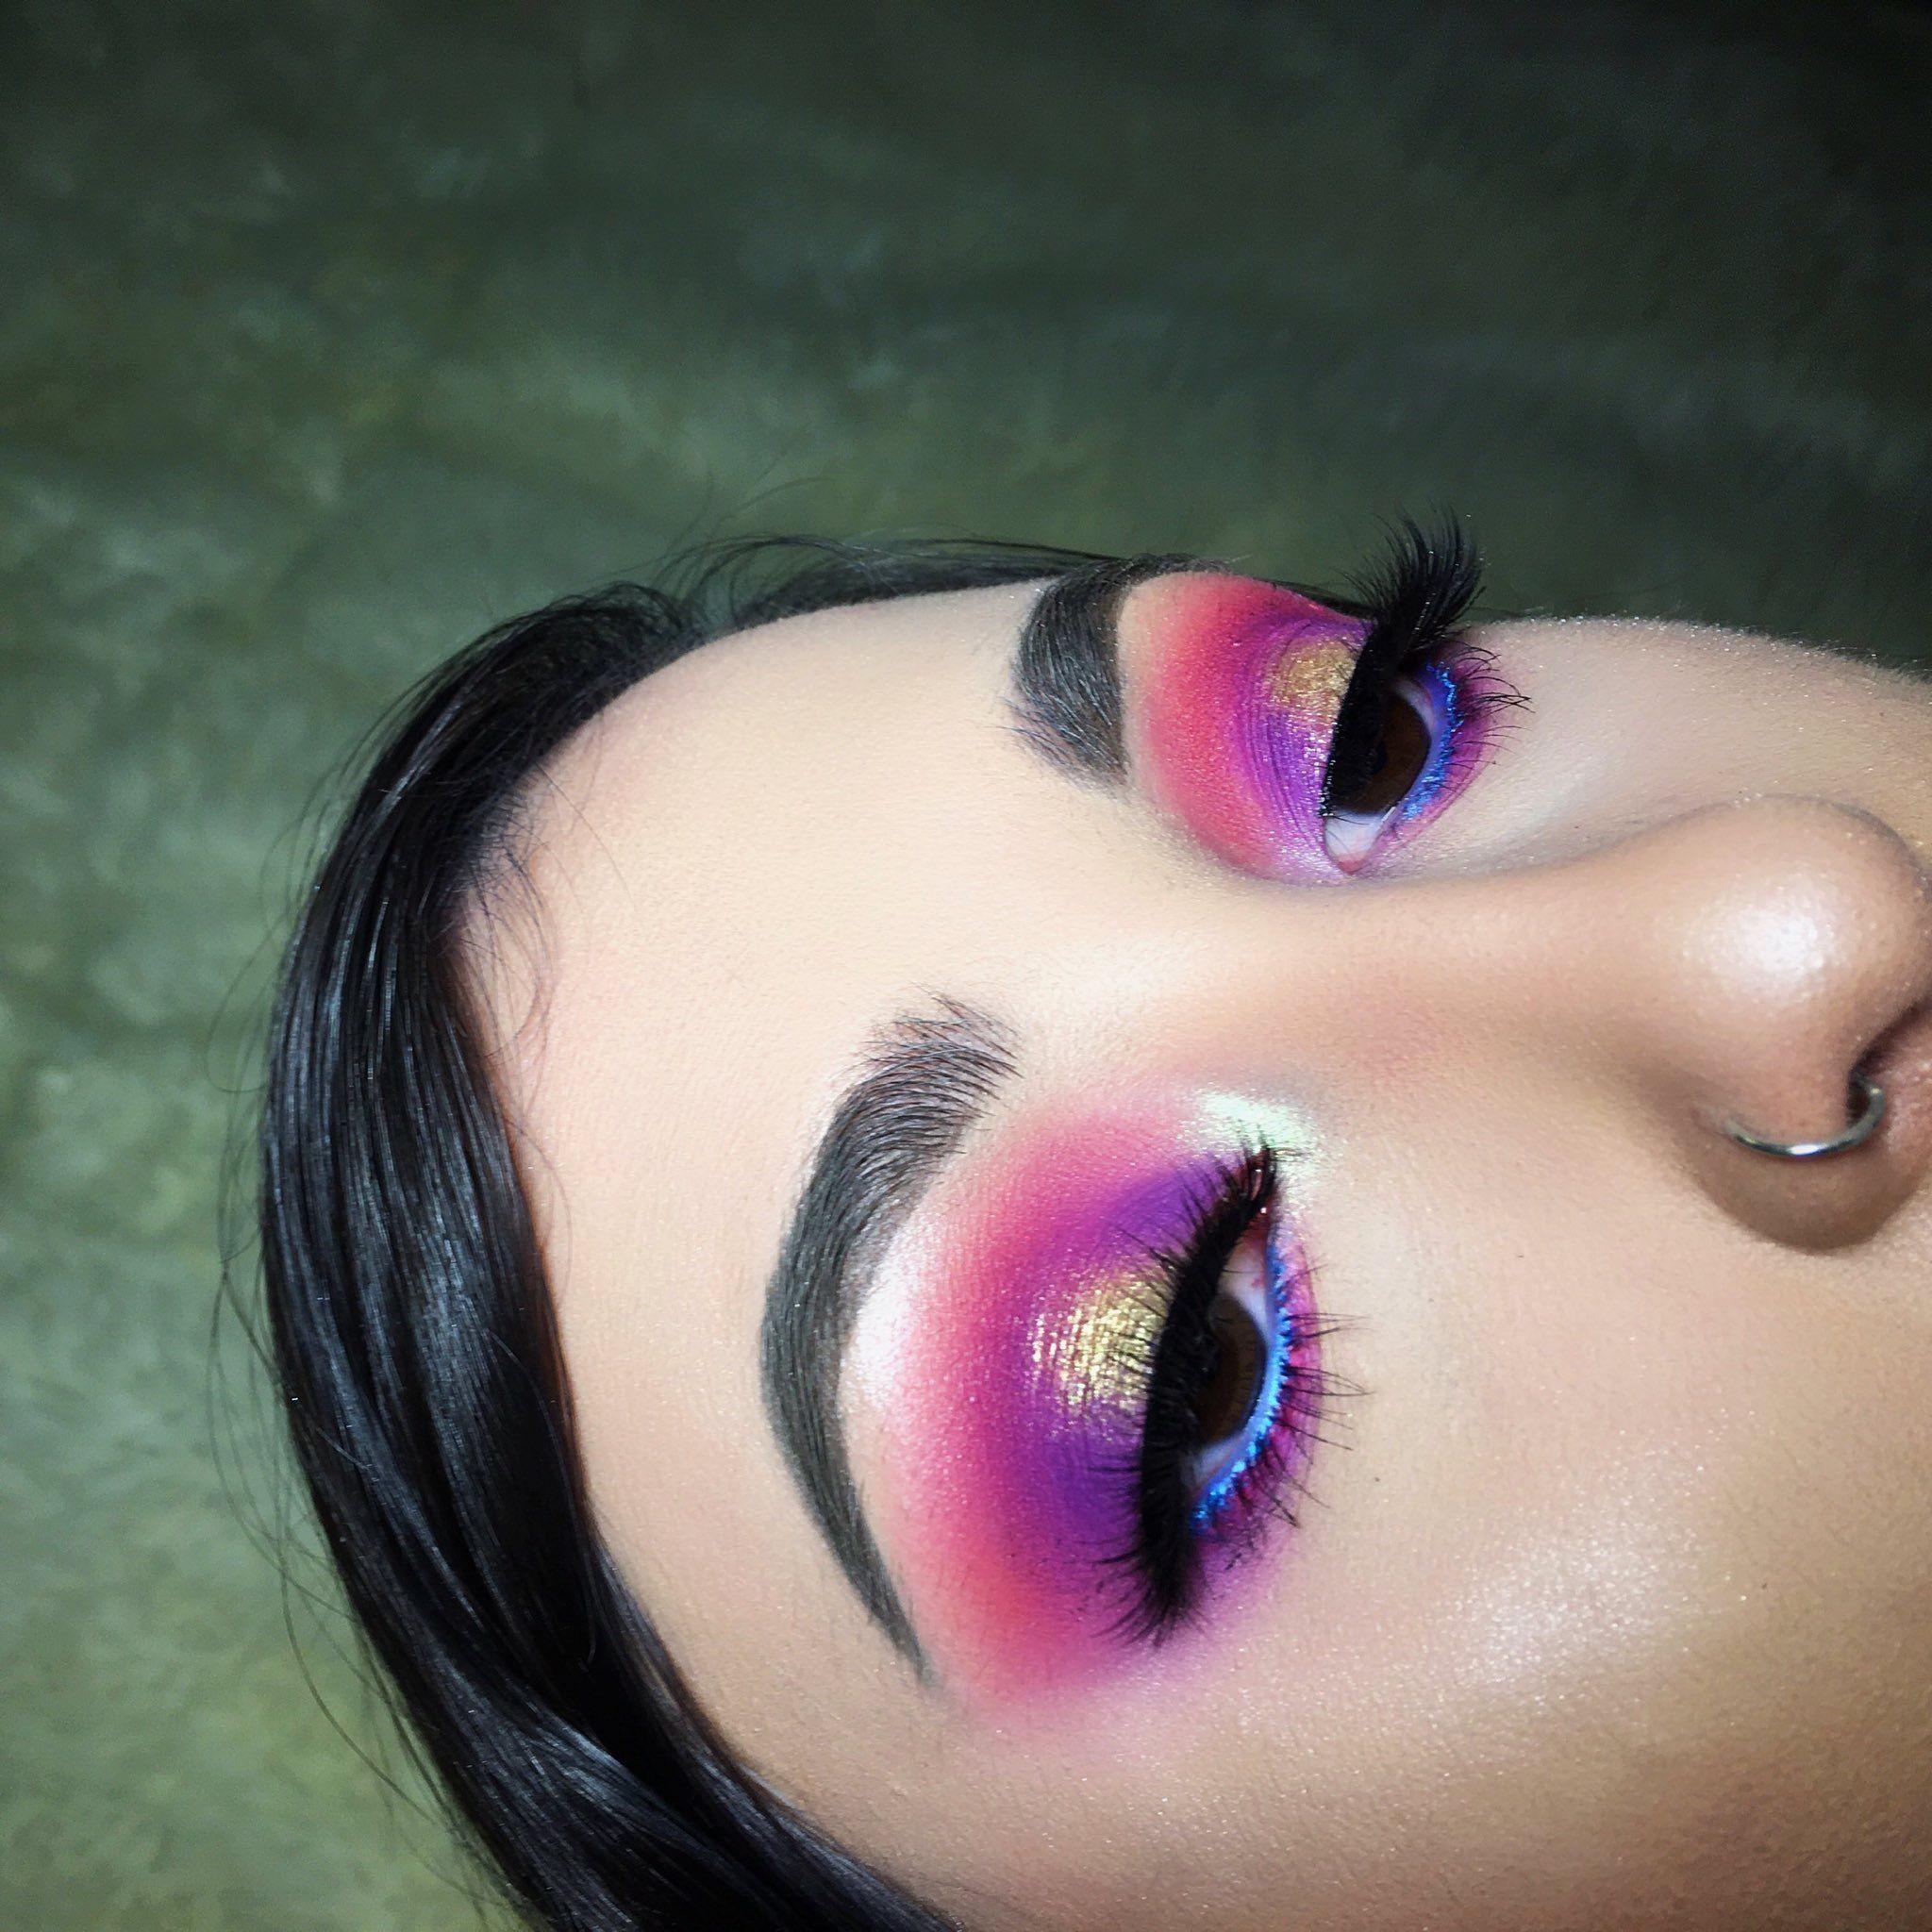 / Pinterest naomiokayyy Makeup, Beauty, faces, lips, eyes